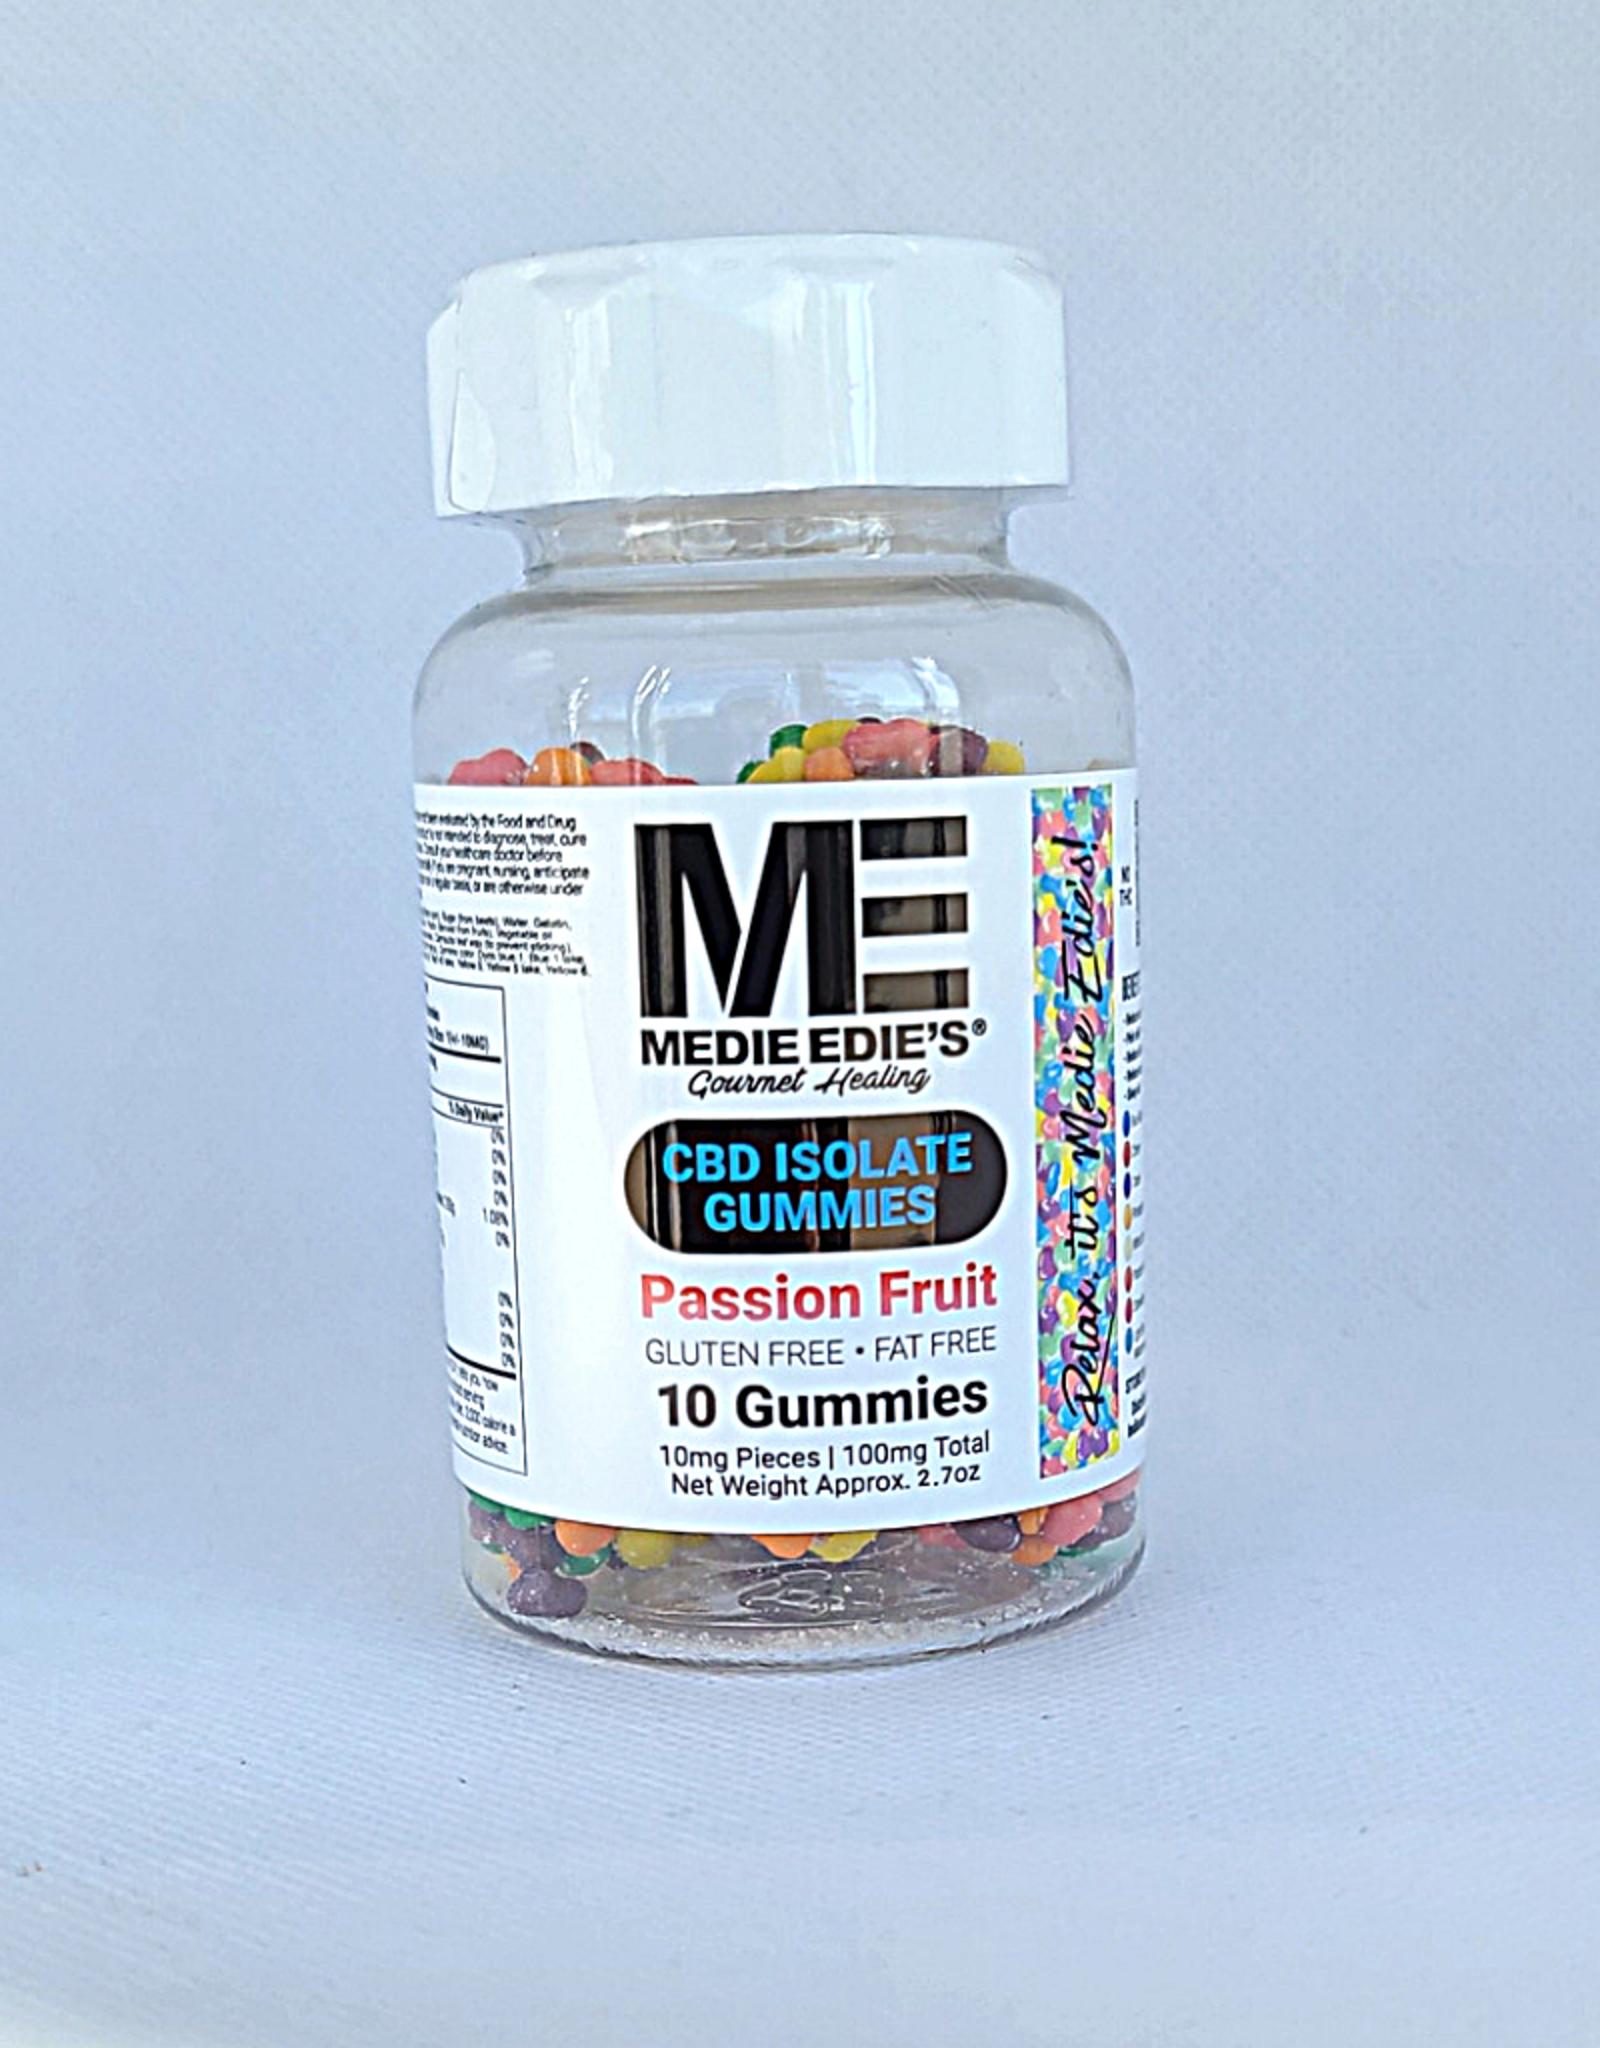 Medie Edie's Pebbled Passion Fruit CBD Gummies - 10ct/10mg/100mg